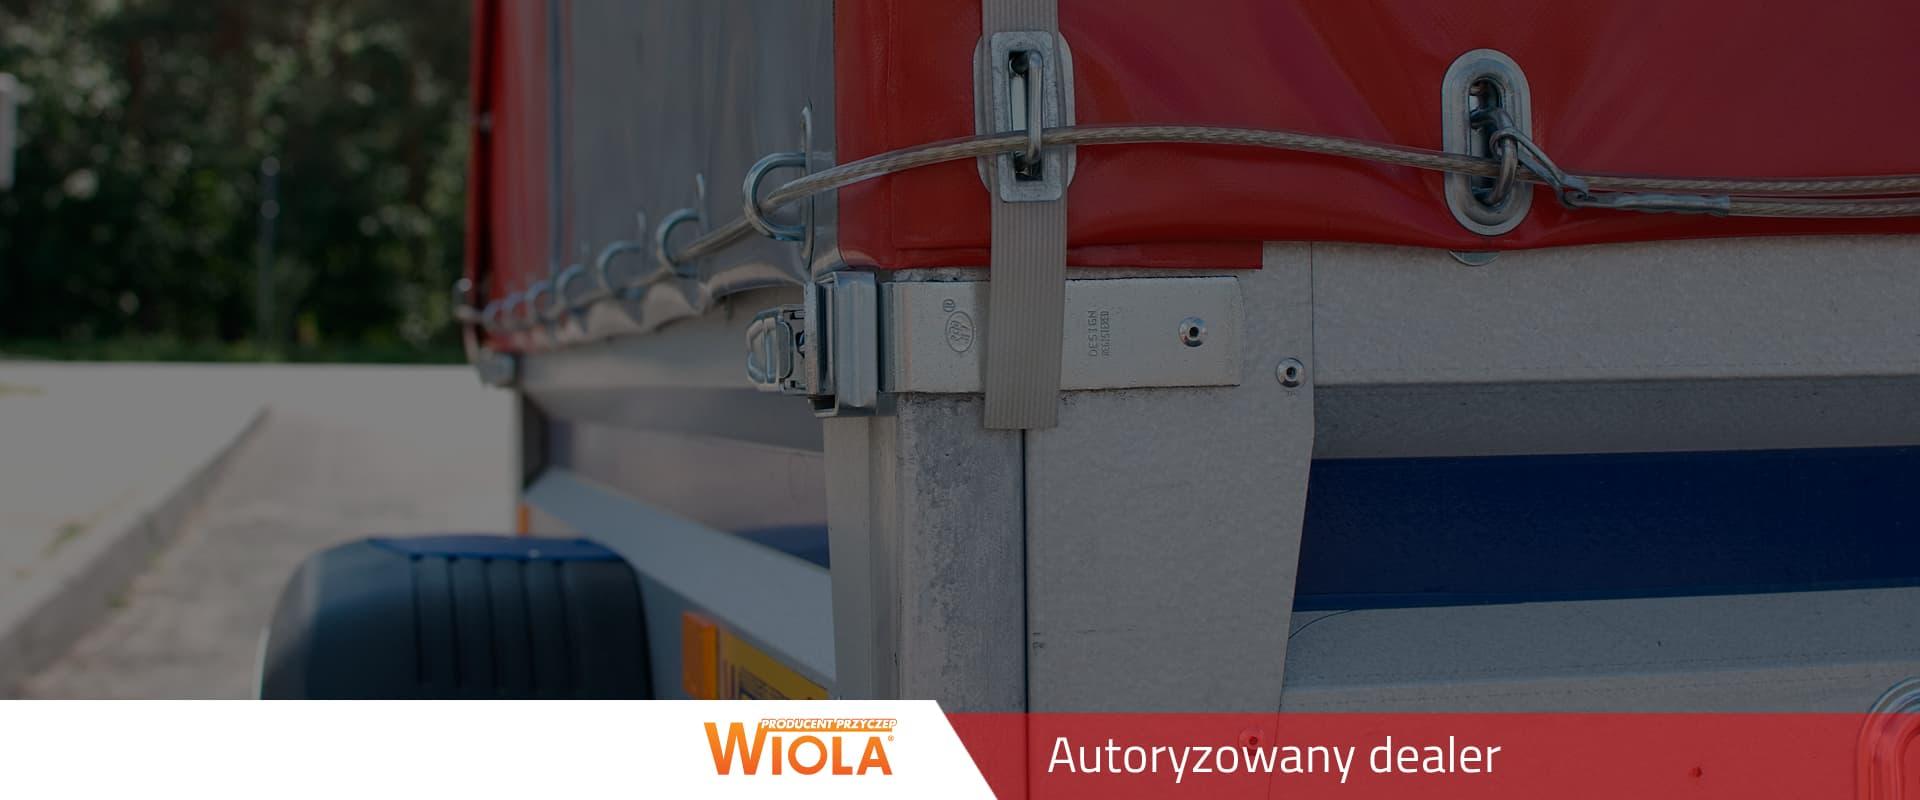 Wiola - autoryzowany dealer